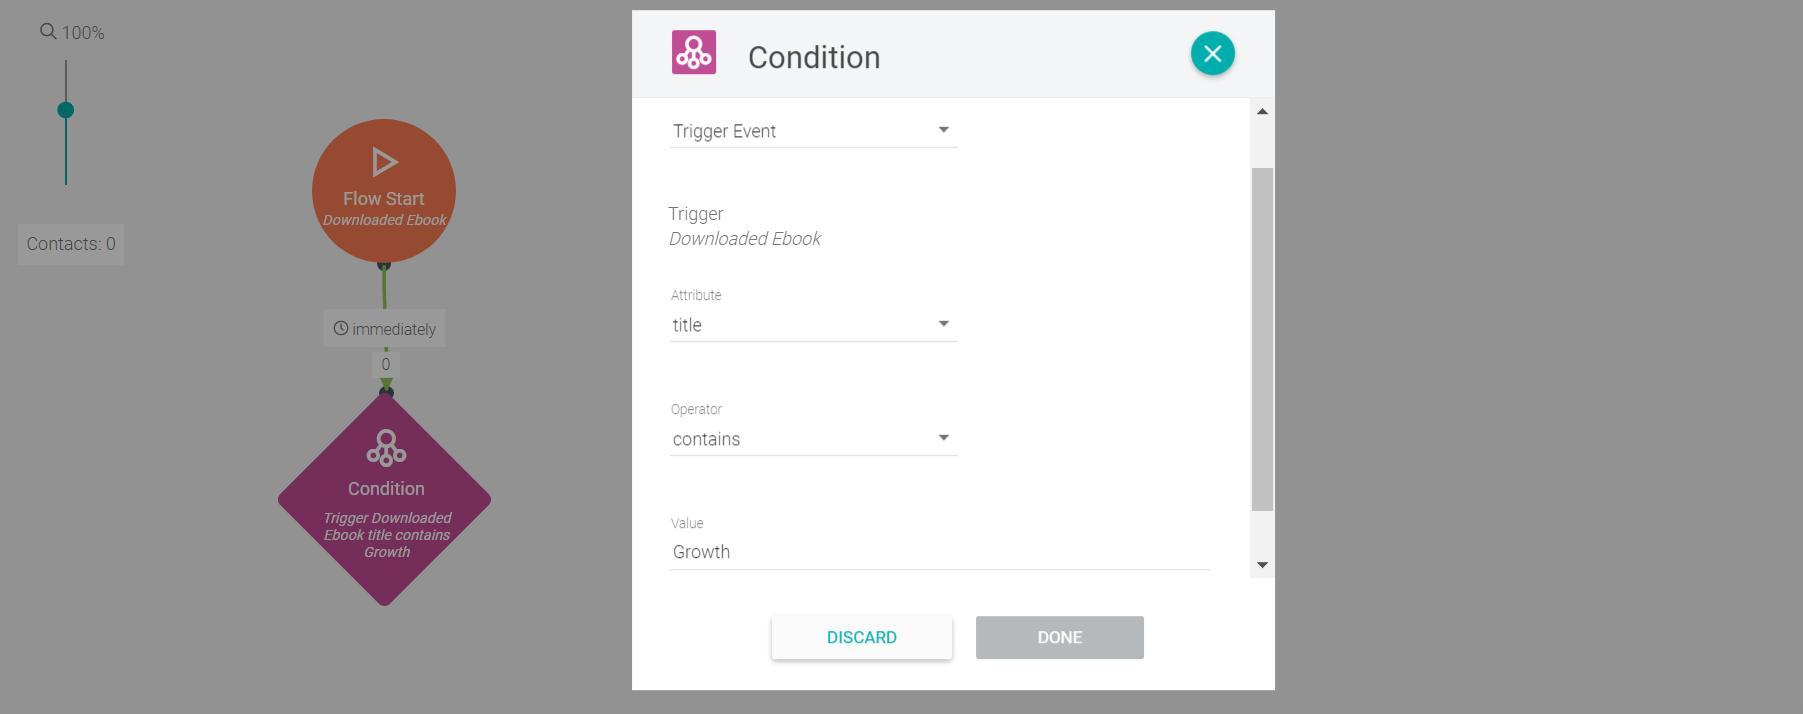 Usar atributo do evento para condicionar uma automação